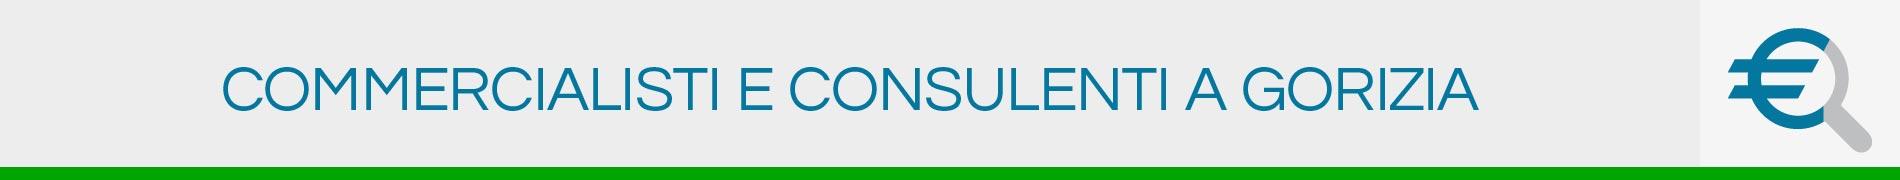 Commercialisti e Consulenti a Gorizia